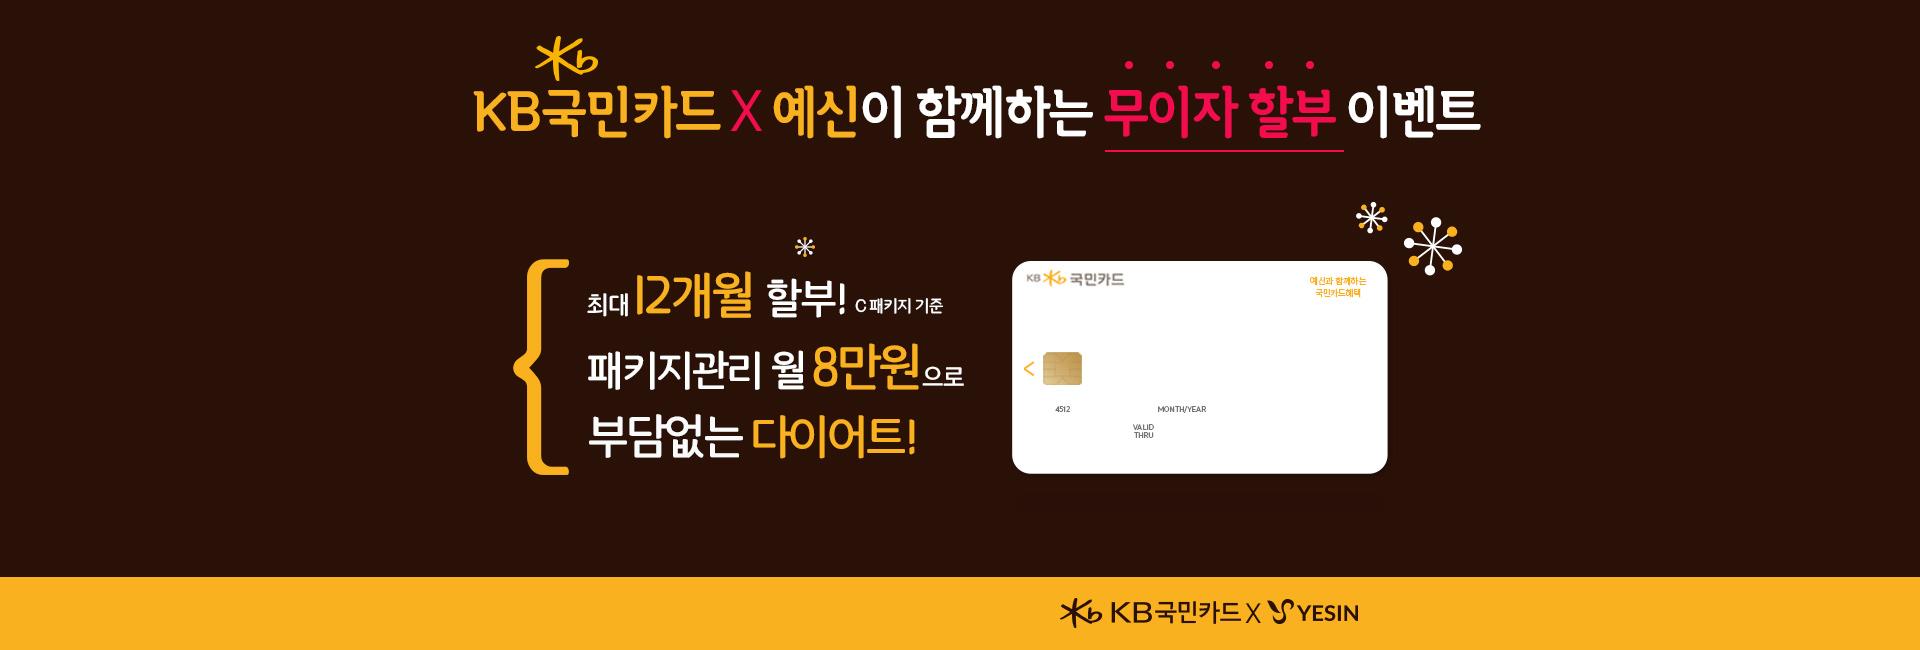 170809_kb국민카드_메인슬라이더